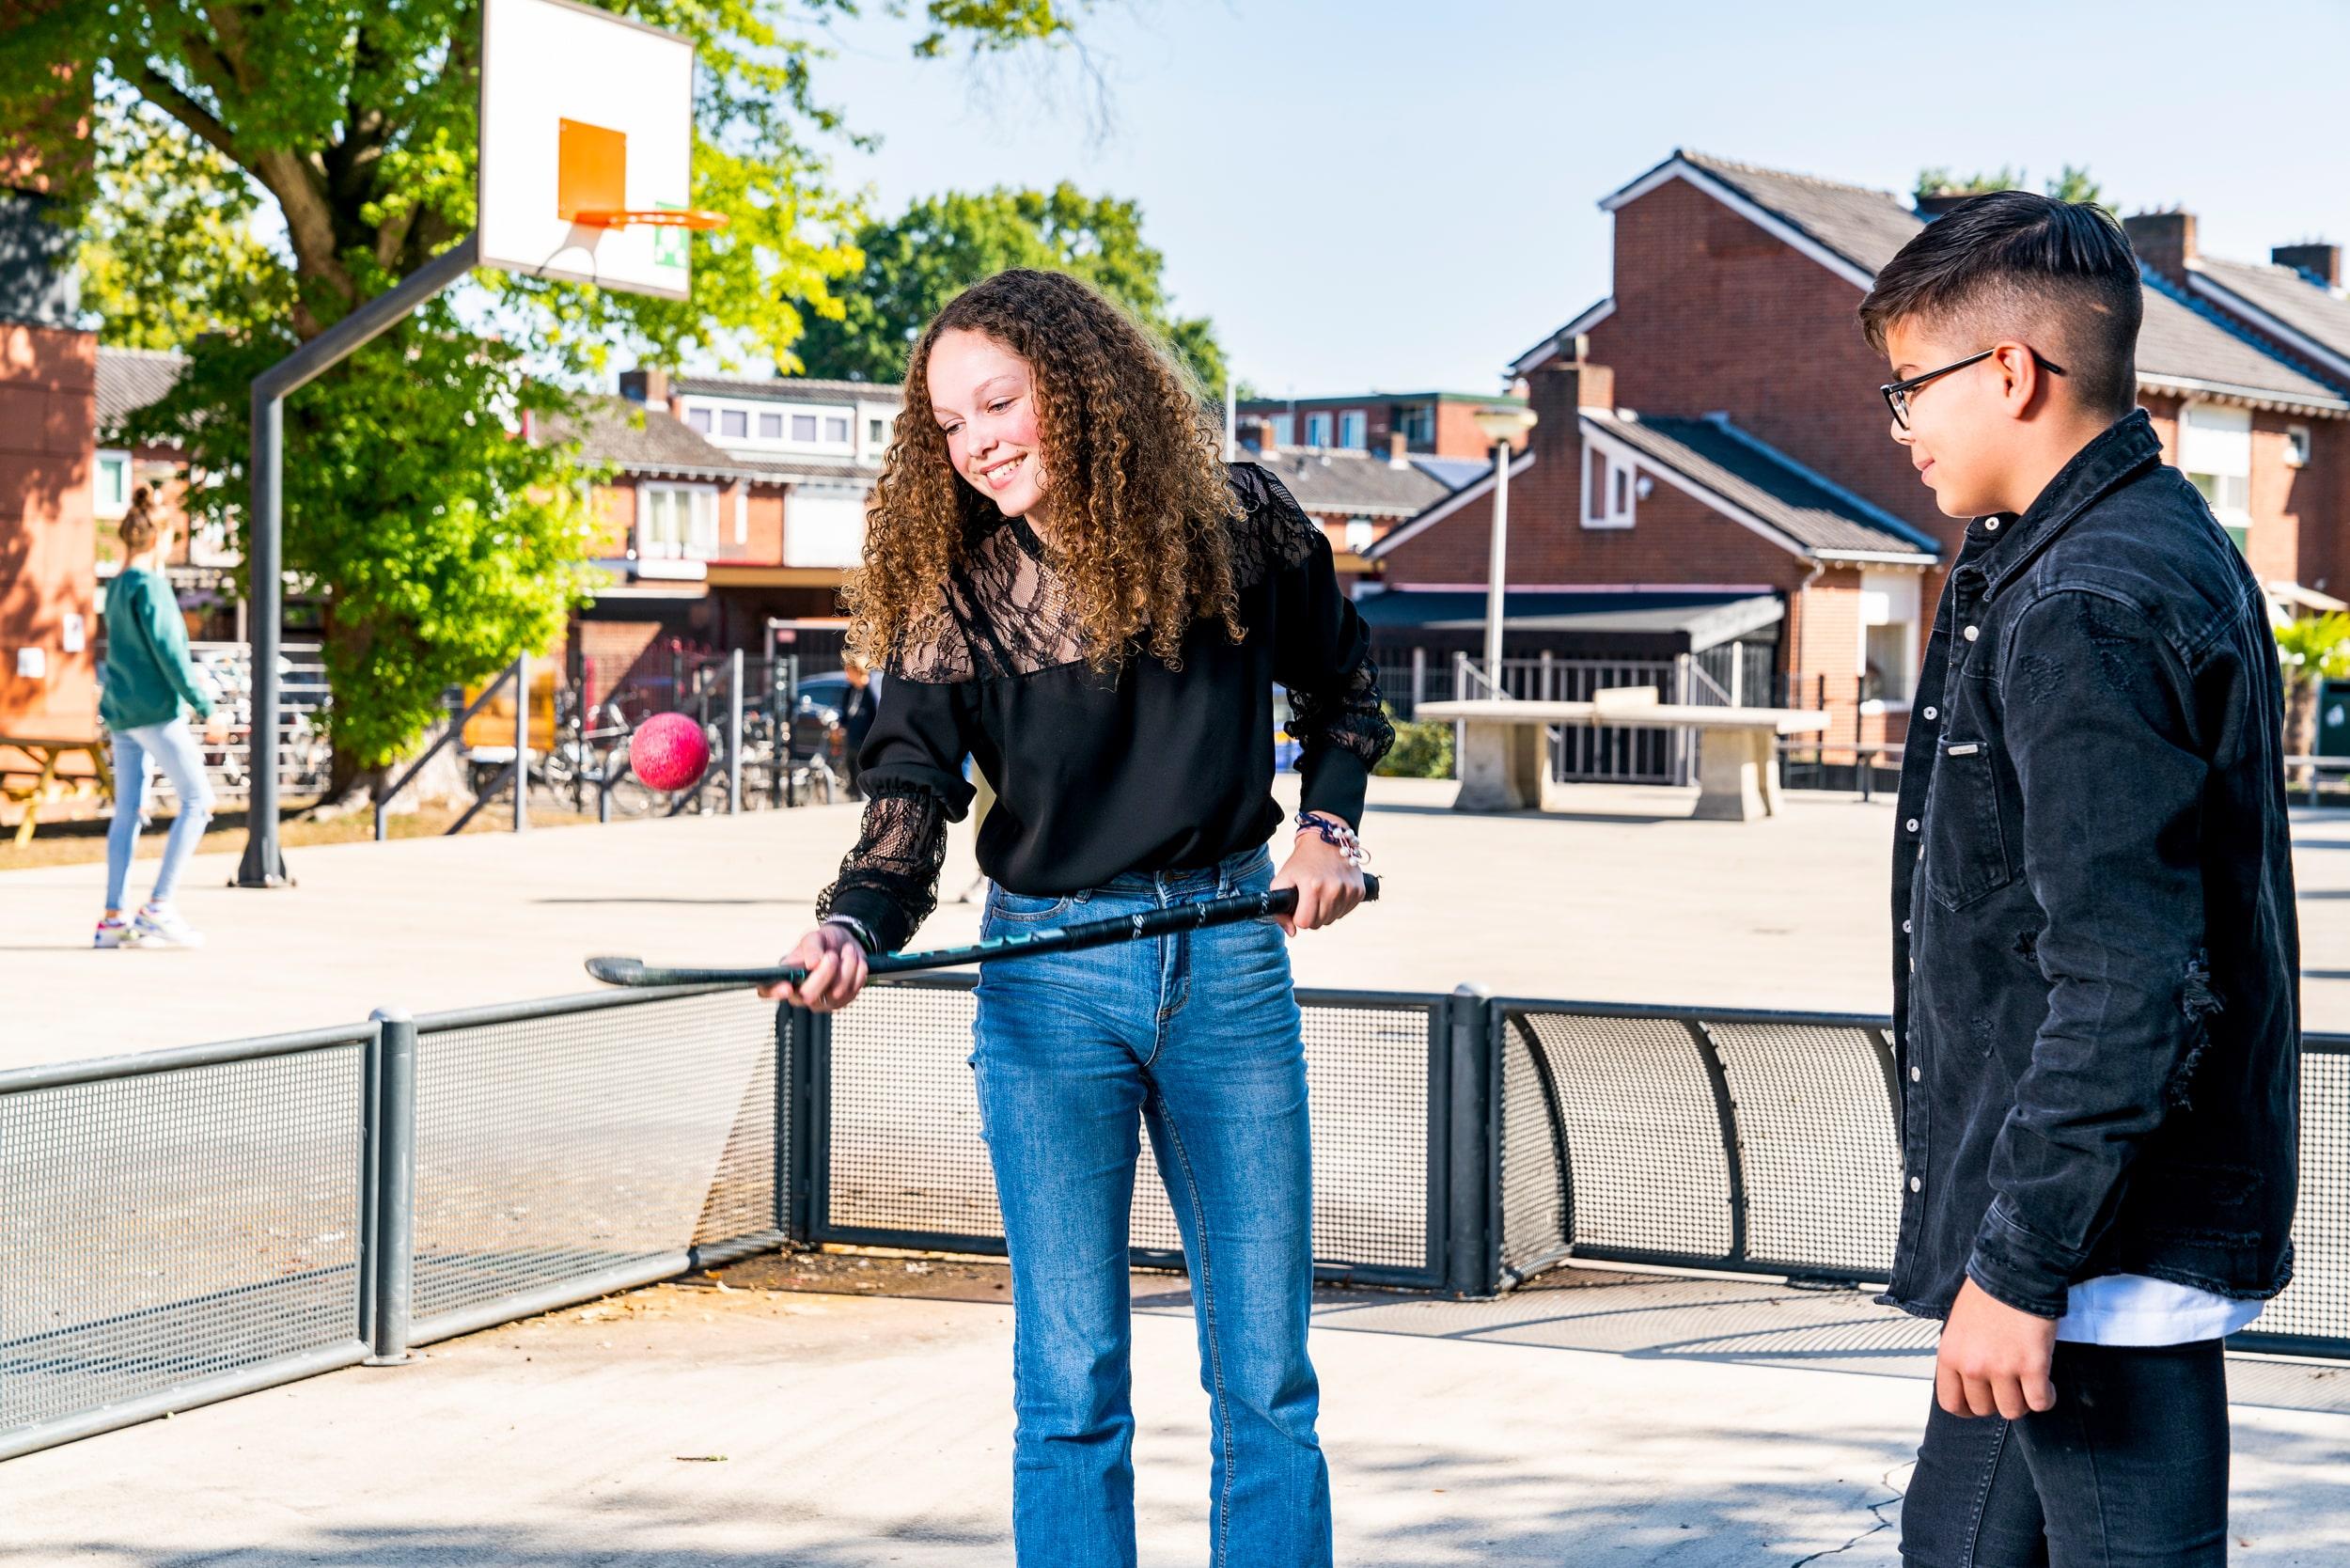 Scholieren spelen hockey op het schoolplein. Campagne fotografie voor Het stedelijk Lyceum Enschede.